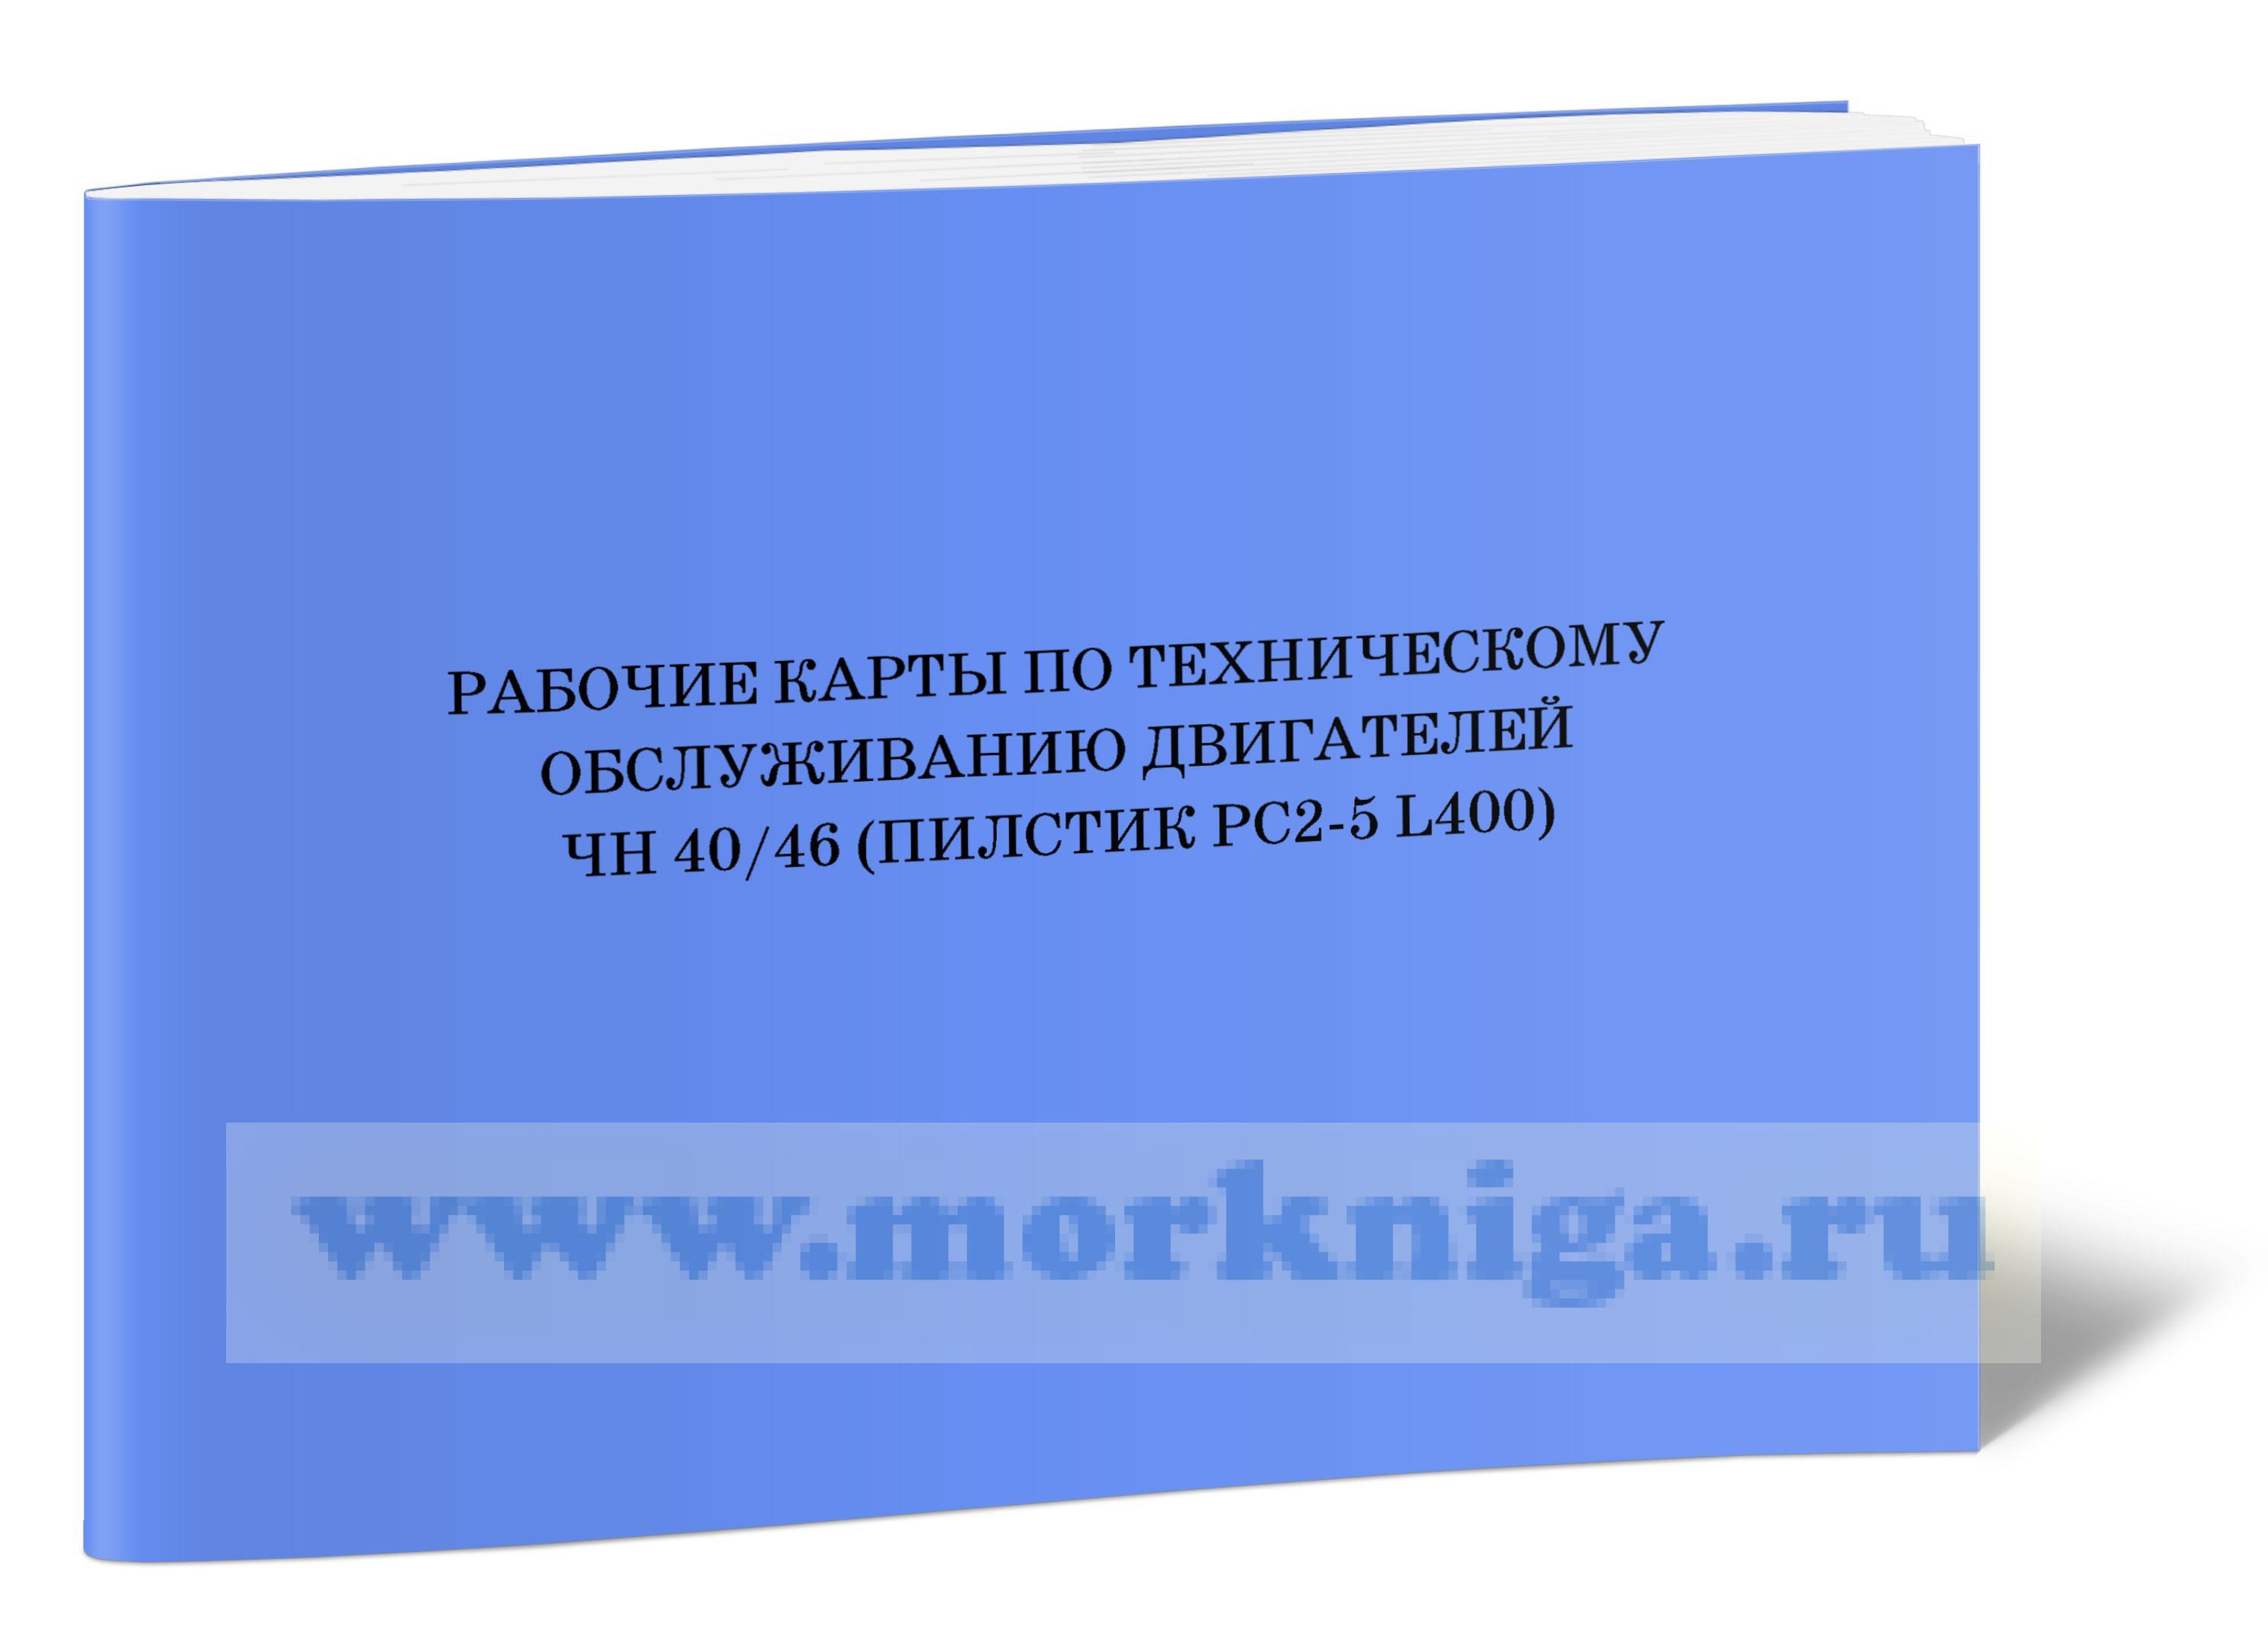 Рабочие карты по техническому обслуживанию двигателей ЧН 40/46 (Пилстик РС2-5 L400